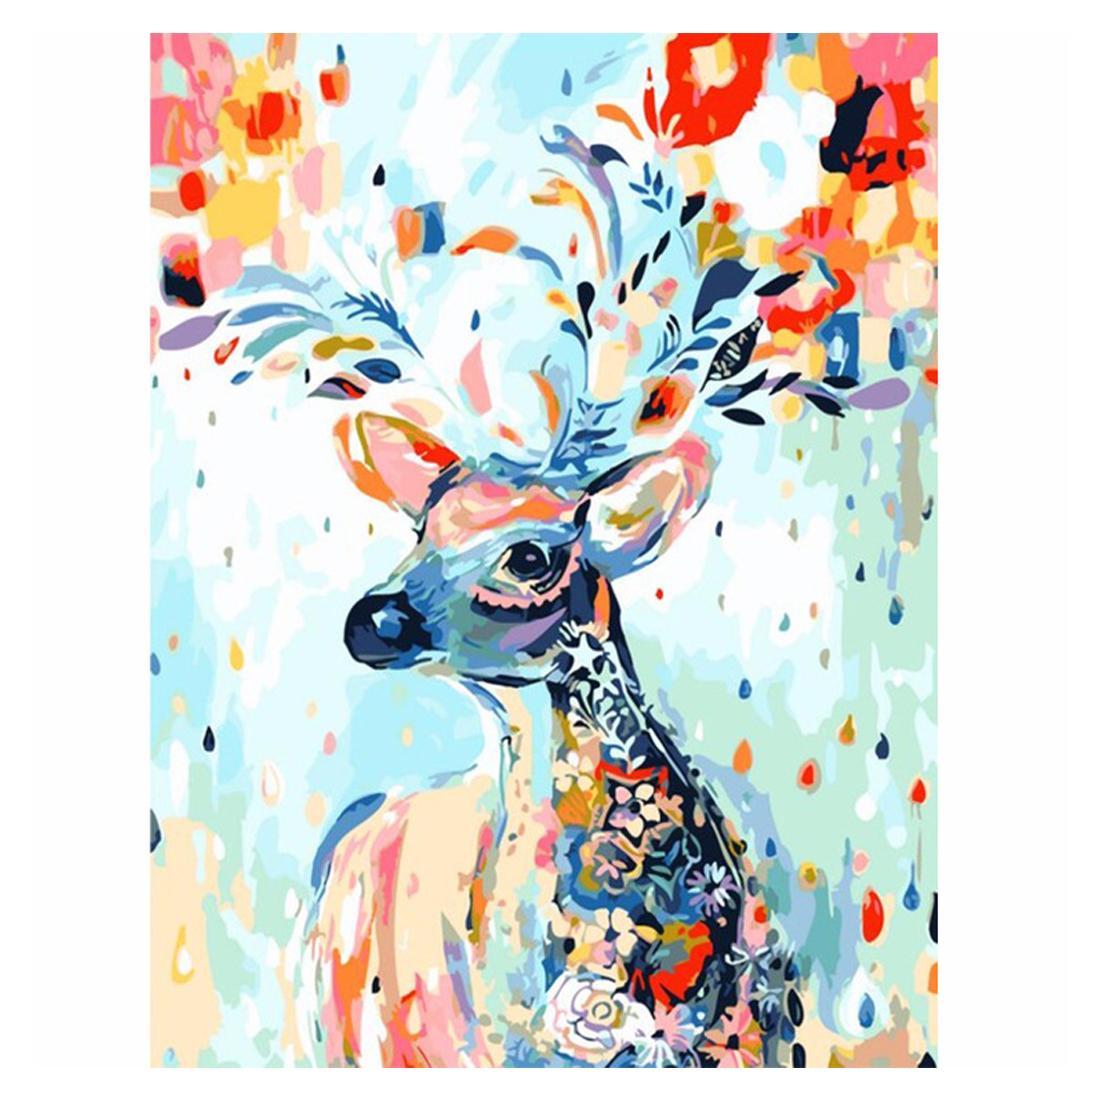 Diy Malerei Für Wohnkultur Malen Nach Zahlen Auf Leinwand Mit Acrylfarben Pinsel Mit Oder Ohne Für Erwachsene Anfänger Sika Hirsch